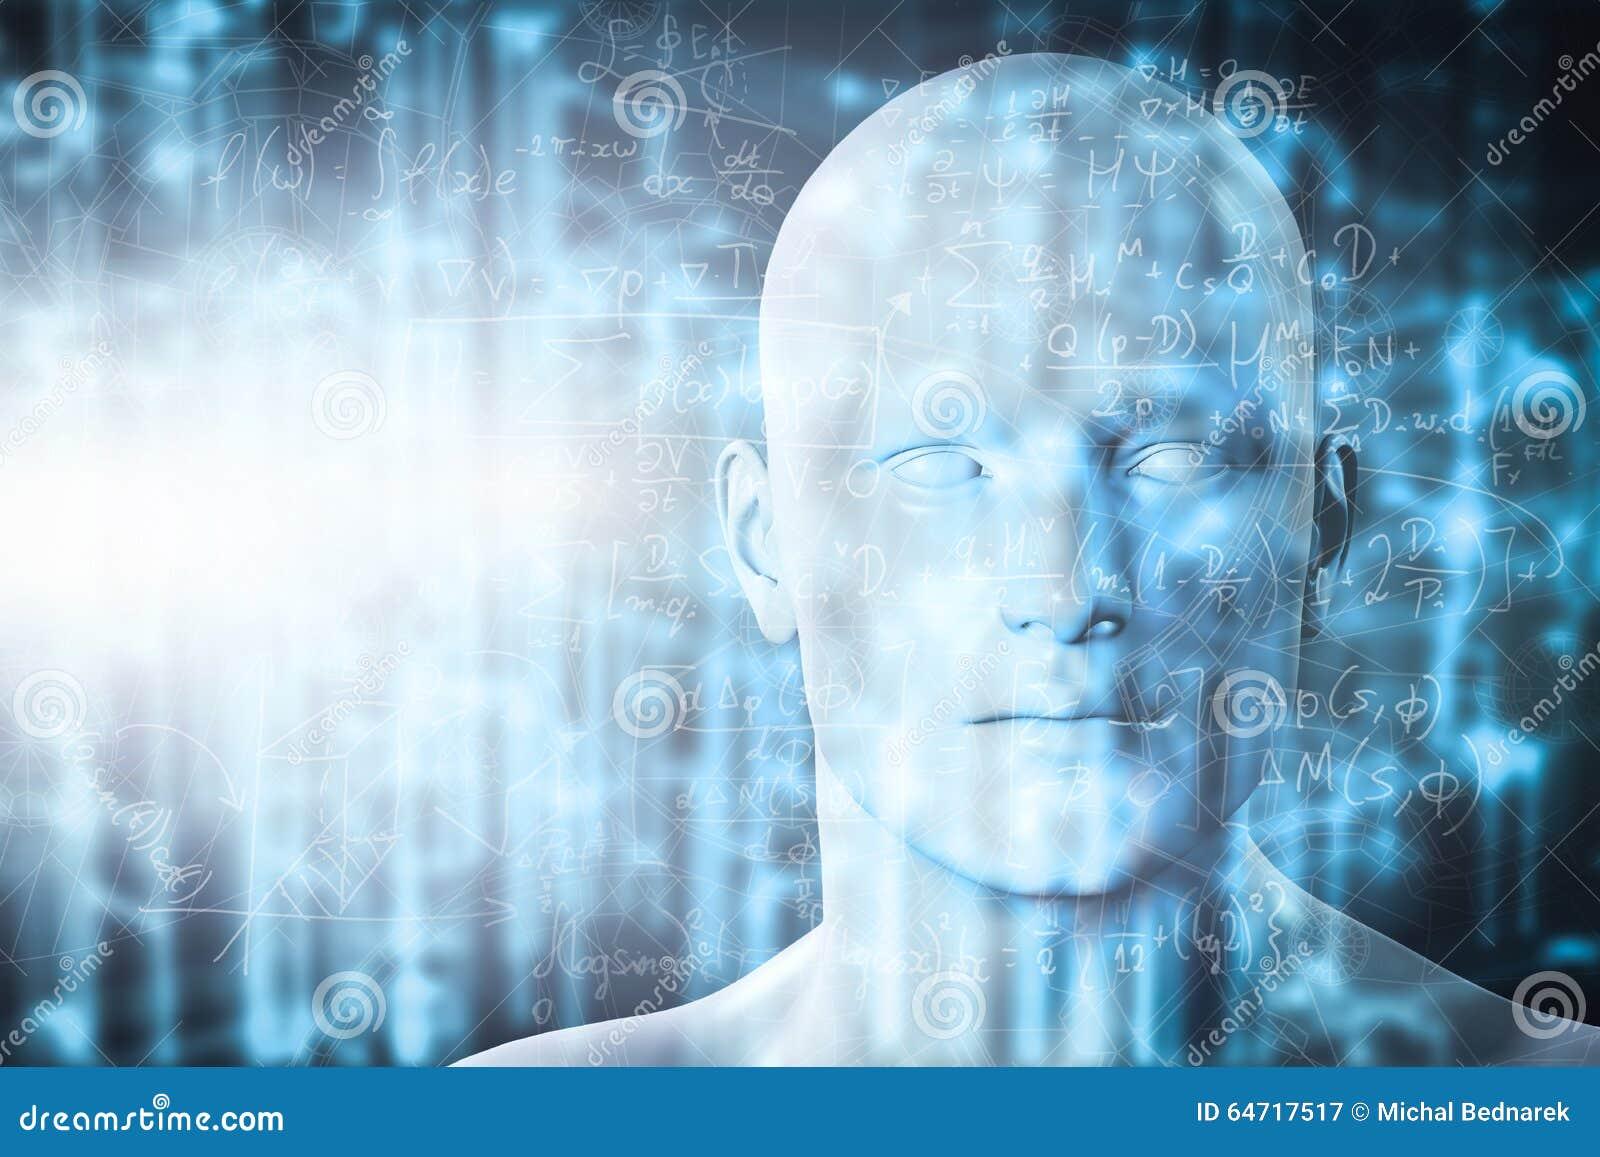 Proiezione di realtà virtuale Scienza futura con tecnologia moderna, intelligenza artificiale